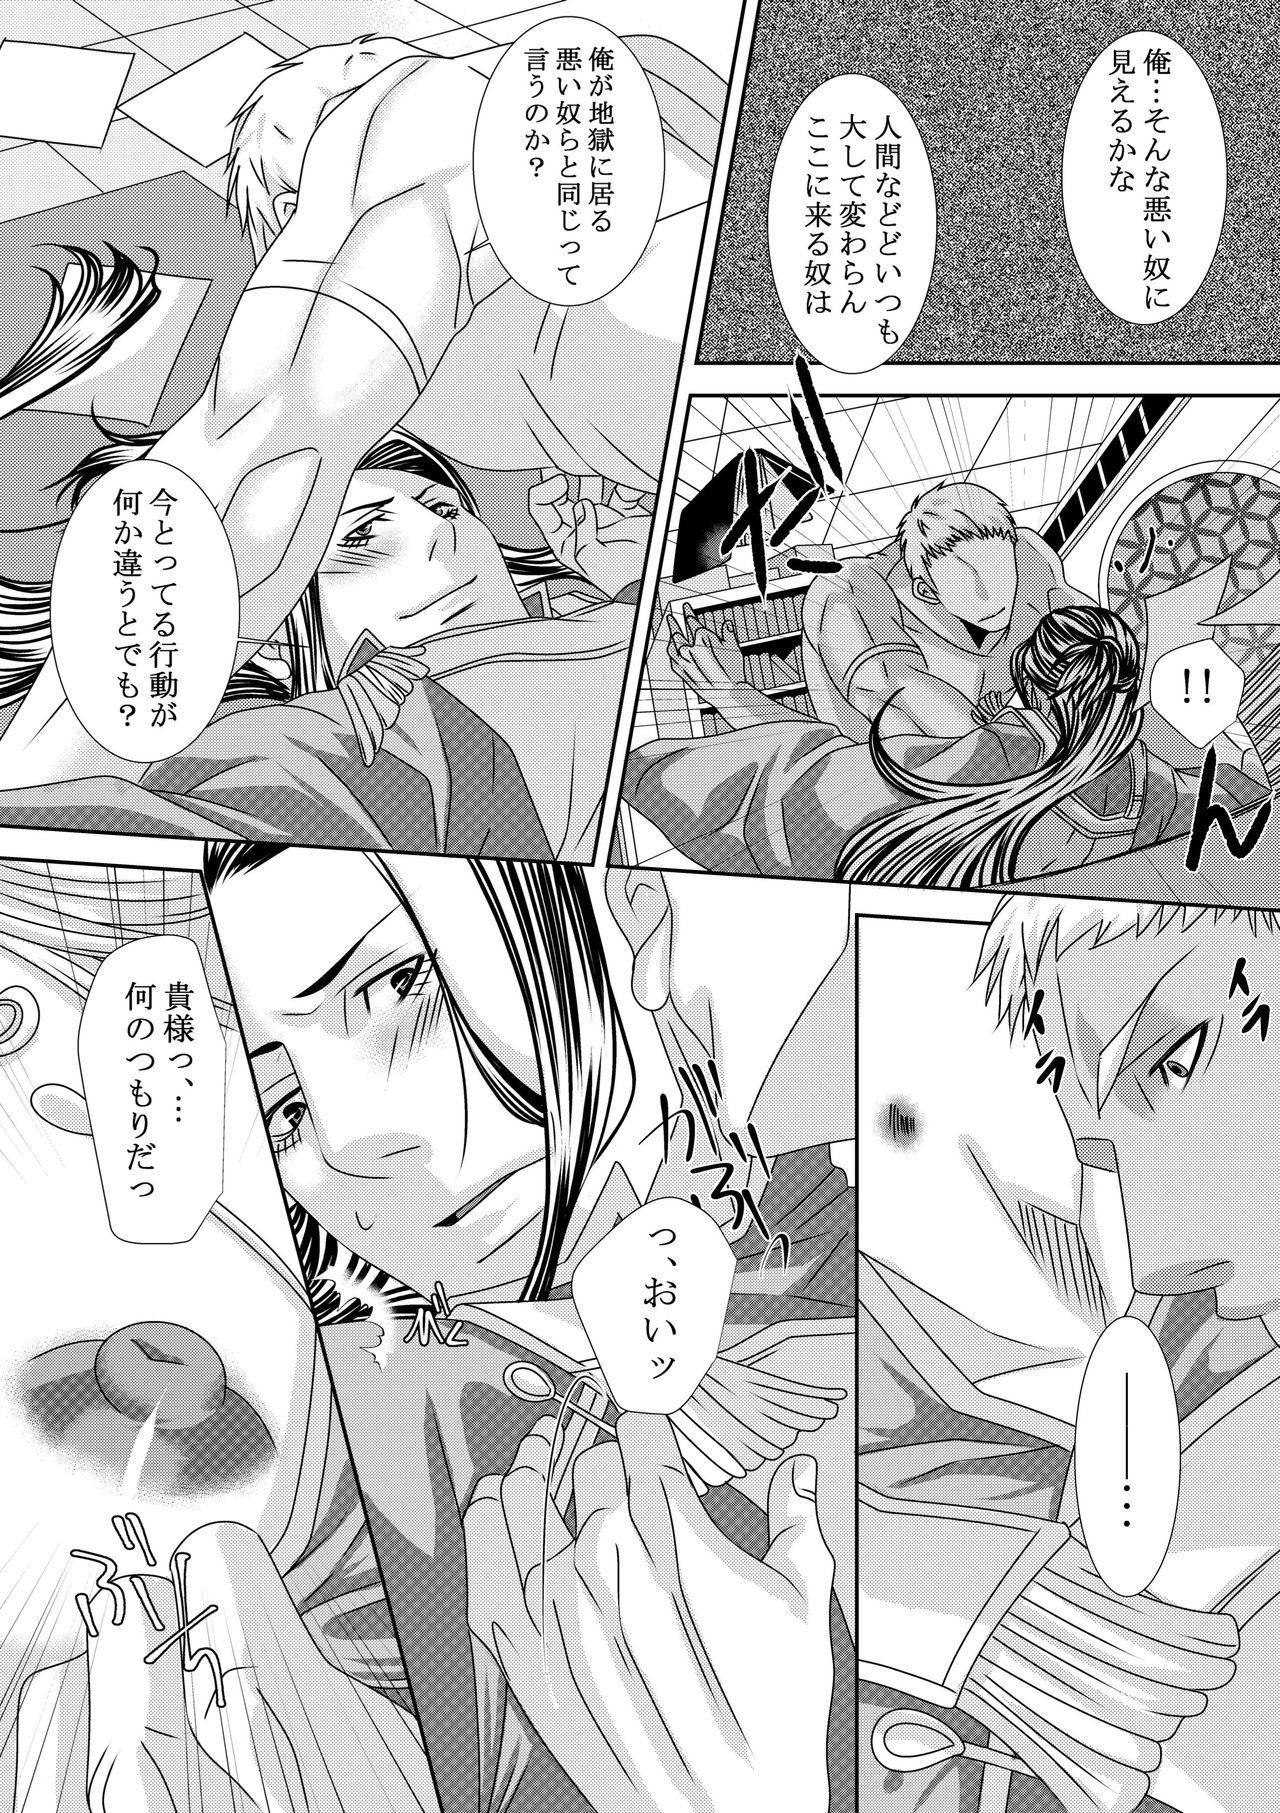 Choukyou Jigoku Ezu 6